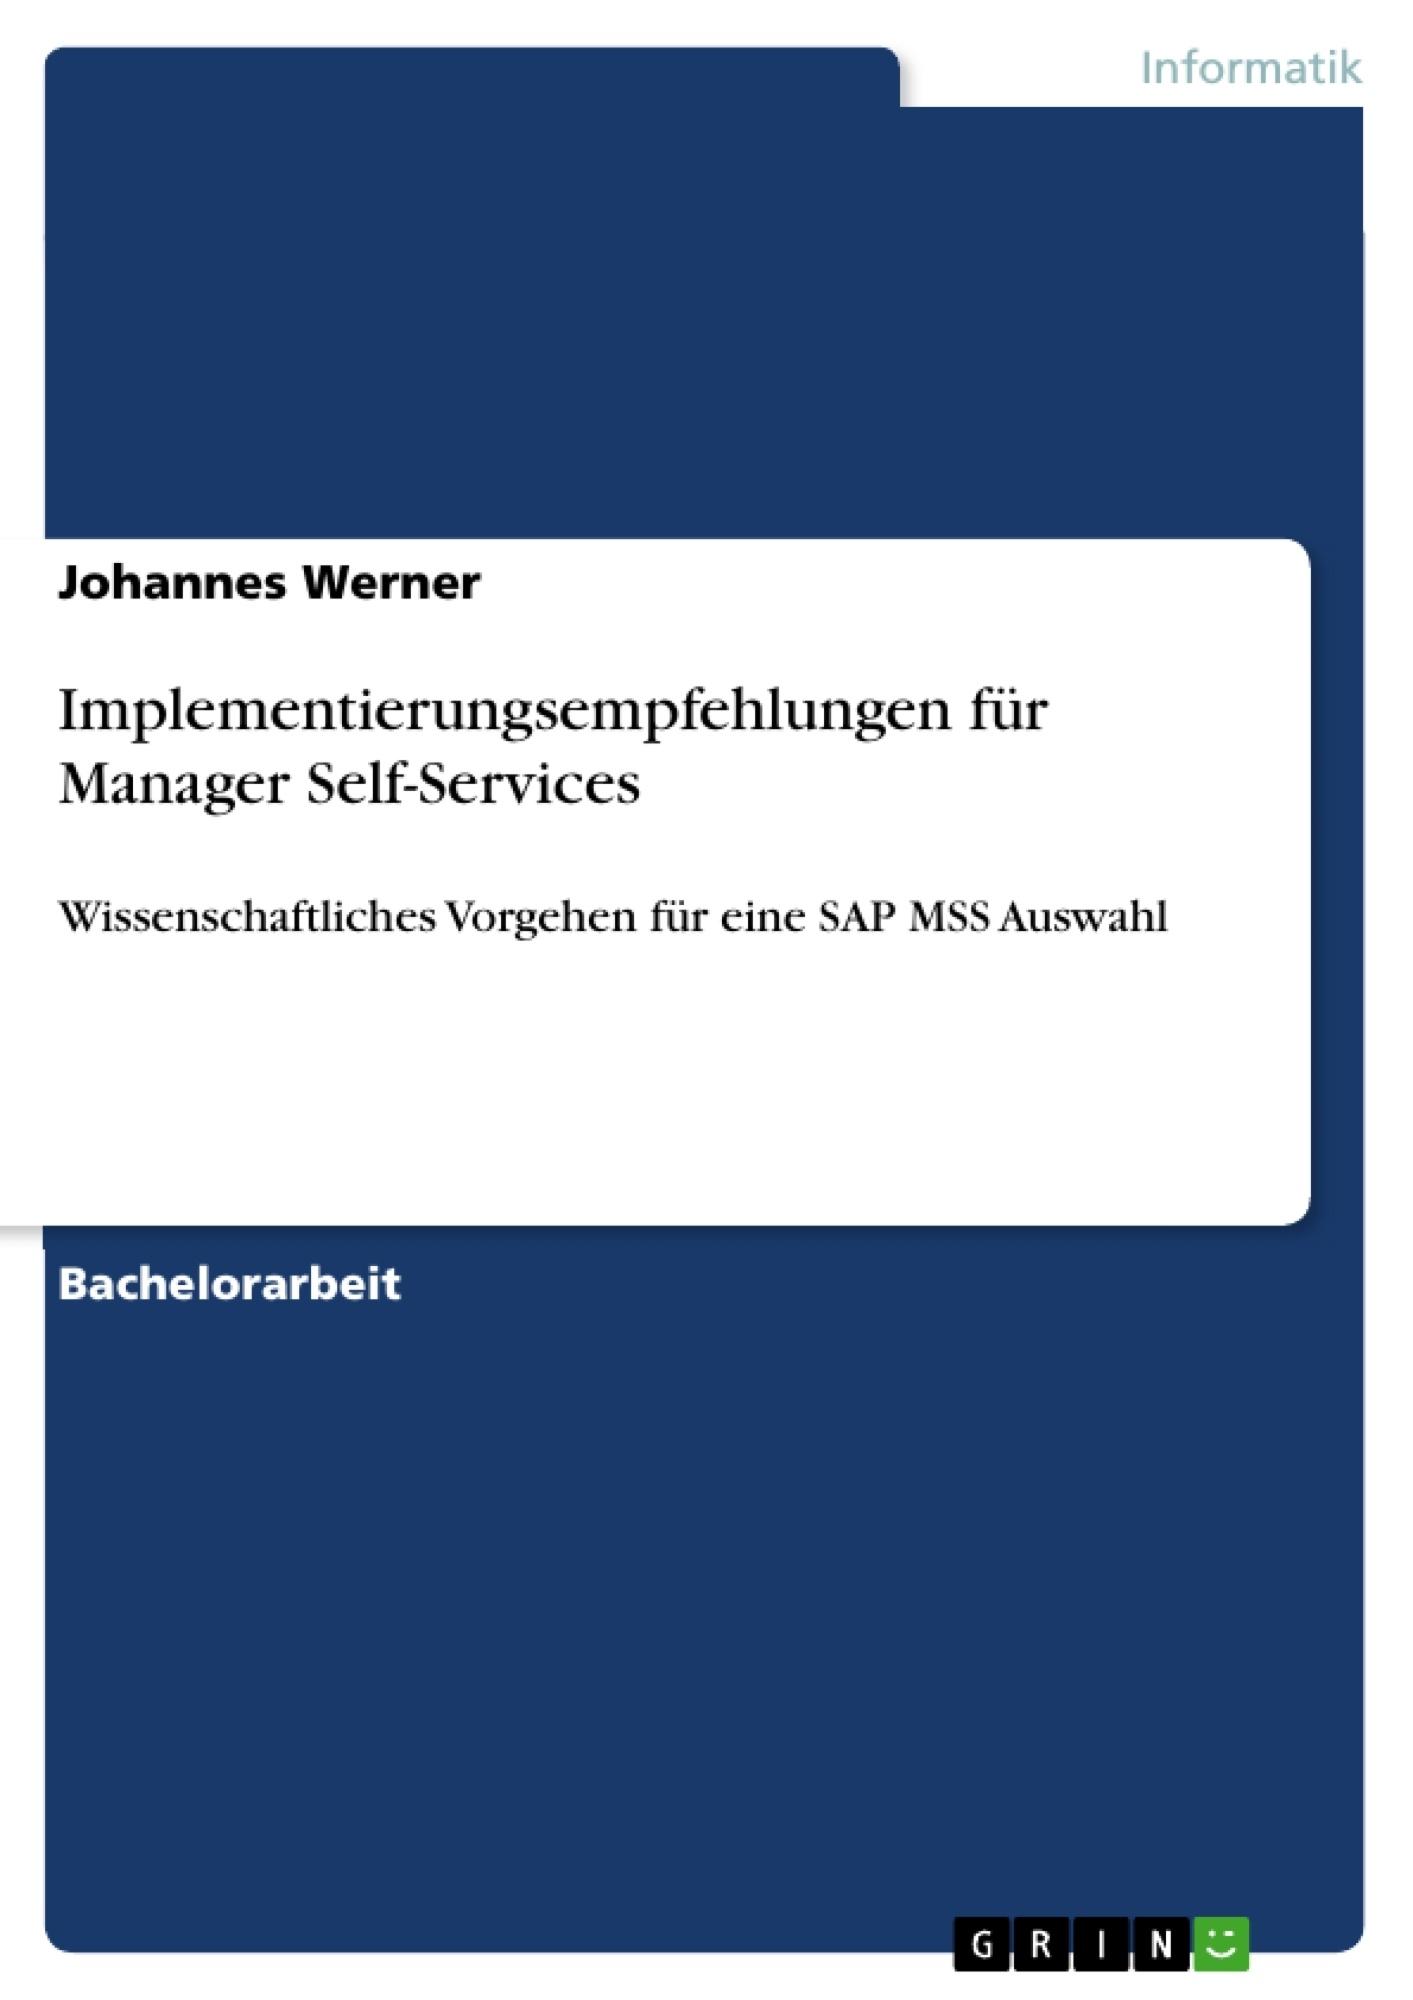 Titel: Implementierungsempfehlungen für Manager Self-Services